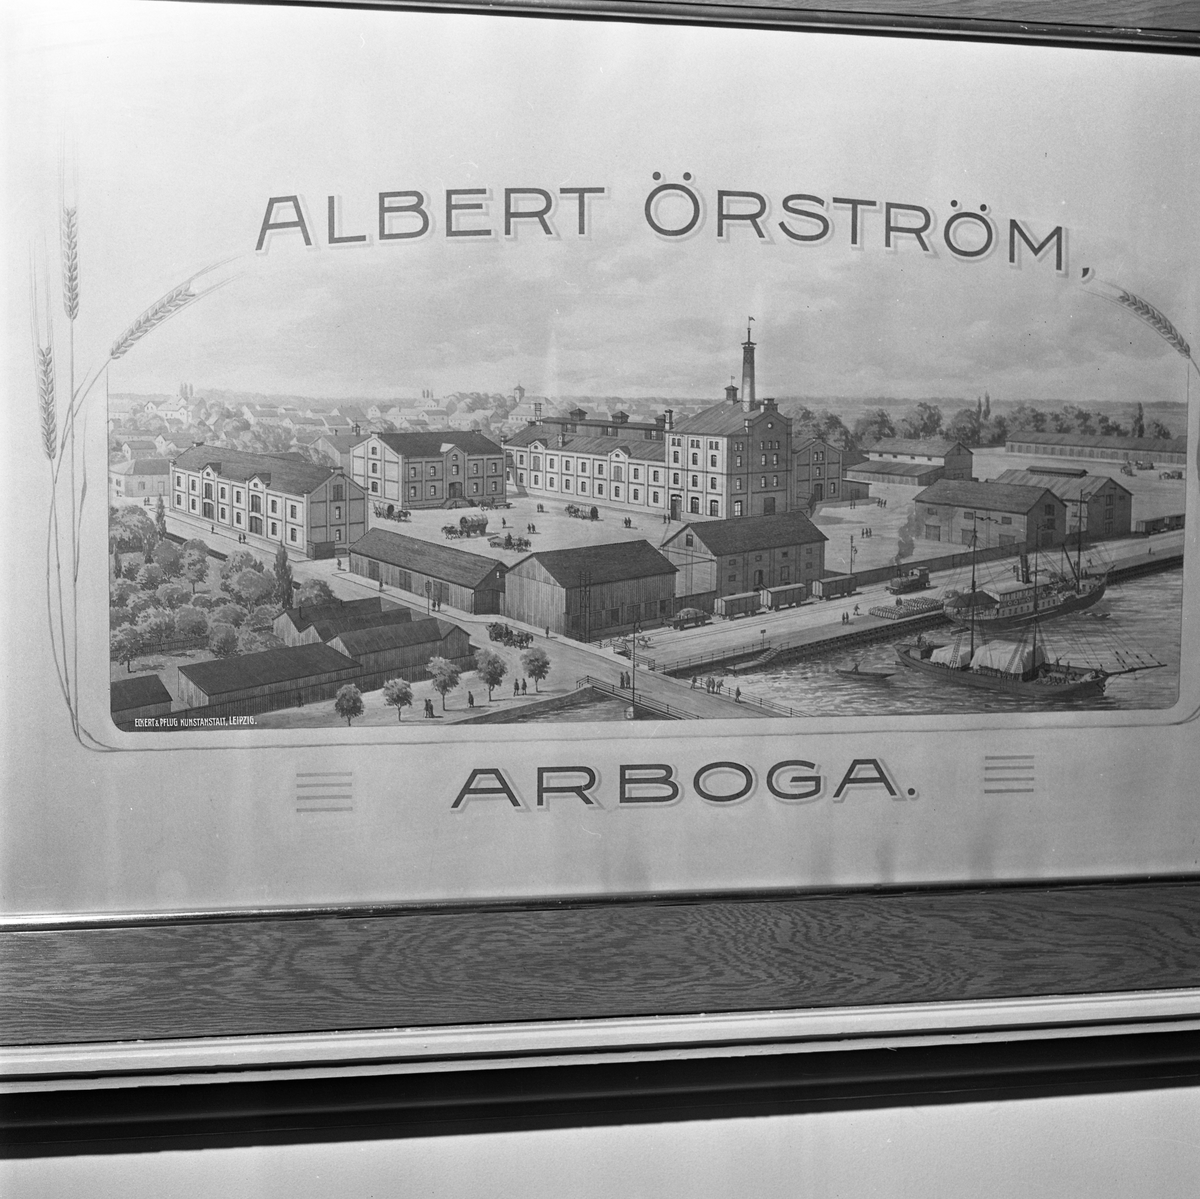 Arboga Kvarn och Maltfabrik, exteriör. En tavla, föreställande fabriken, hamnmagasinen, järnvägen och båtar i hamnen. Motivet omges av texten Albert Örström Arboga och dekoreras med några veteax. Bilden är framtagen av Kunstanstalt Leipzig, enligt text i tavlans nedre vänstra hörn.  Det som kom att bli Arboga Kvarn och Maltfabrik anlades 1821 av Jonas Örström. Grosshandlare Albert Örström övertog rörelsen 1877. Han startade här en elektrisk kvarn 1915, när verksamheten vid kvarnen i Höjen lades ner. Vetemjöl av märket Guldsnö producerades här.  Kvarnrörelsen upphörde 1967 medan maltproduktionen pågick fram till 1972.  Läs om Arboga Kvarn och Maltfabrik: Hembygdsföreningen Arboga Minnes årsböcker från 1979 och 1999 Reinhold Carlssons bok Arboga objektivt sett